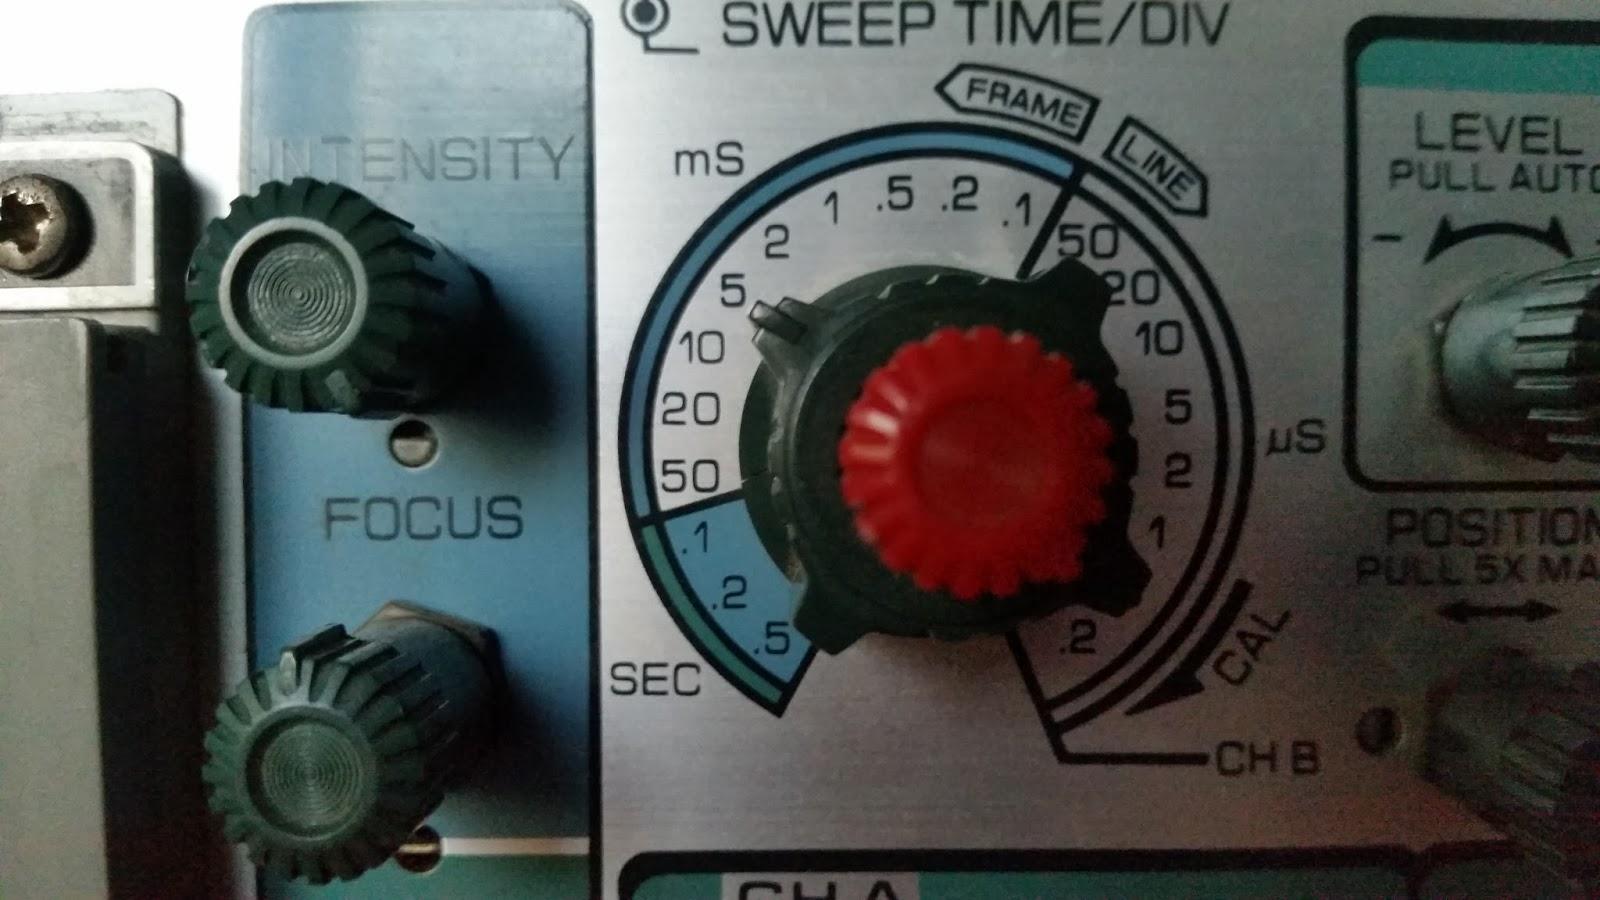 Temporizador Ne555 Practicas De Electrnica 555 Descarga Calculador Frecuencia Como Puedes Ver En El Siguiente Vdeo Cuando Varo Tiempo Milisegundos La Seal Se Redimensionar Acuerdo A Si Variacin Es